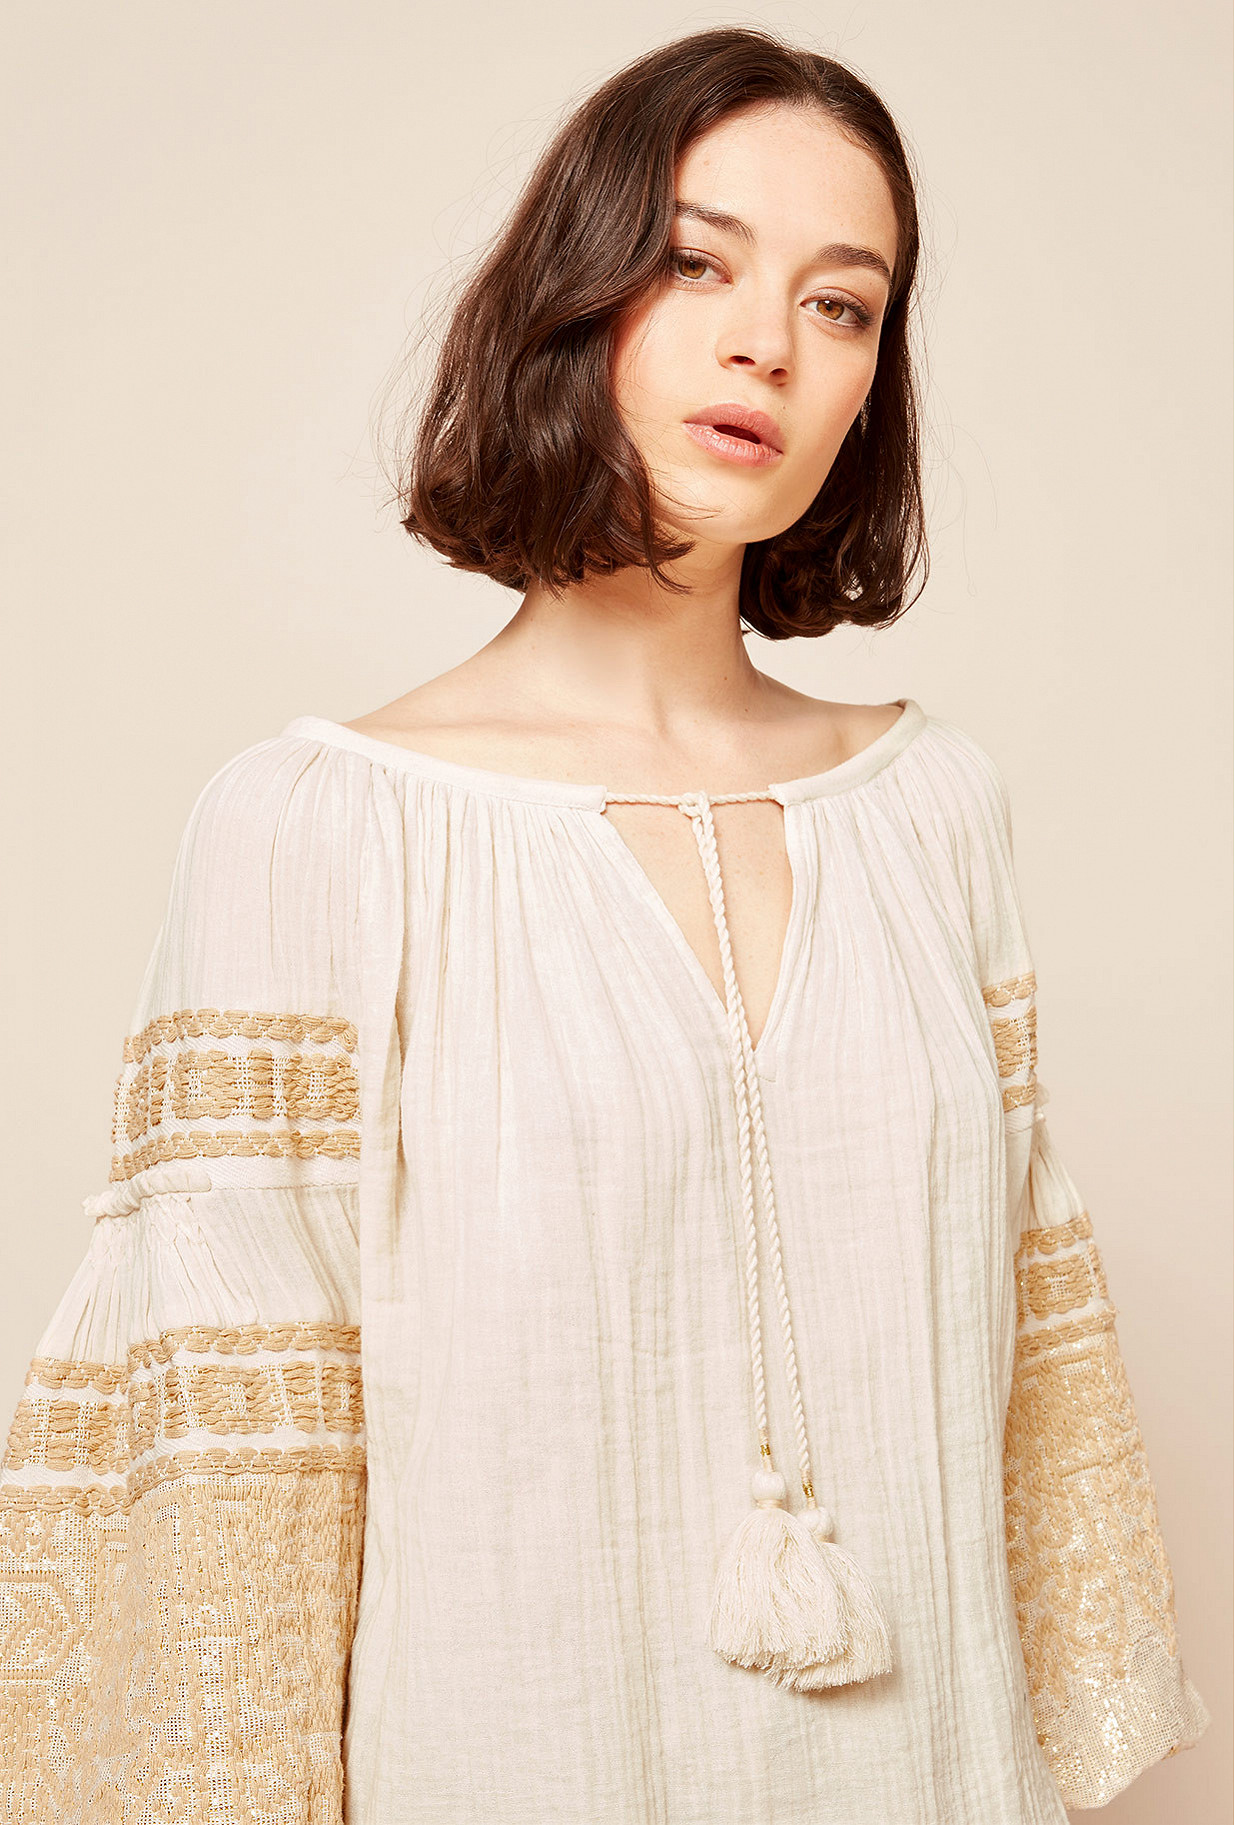 Paris clothes store Blouse  Kremlin french designer fashion Paris